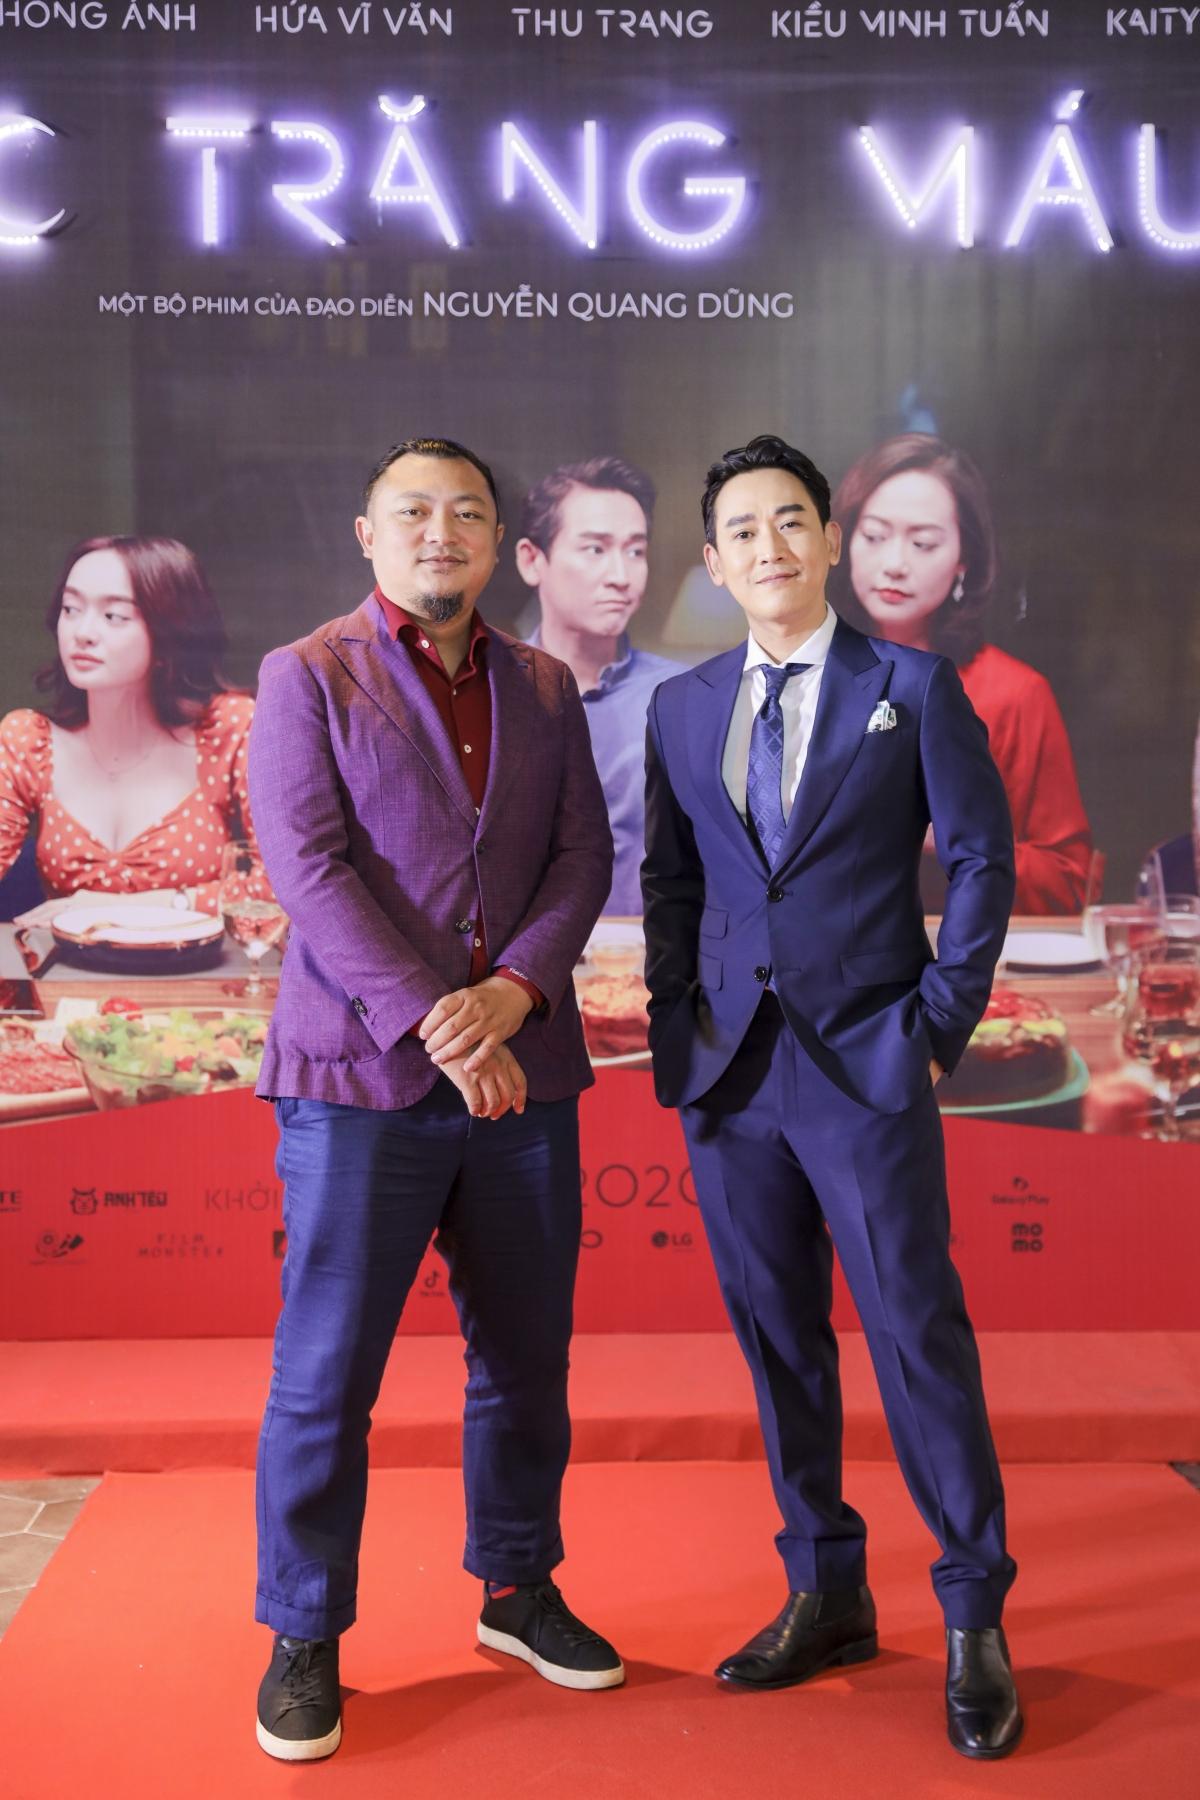 """Nhà sản xuất Phan Gia Nhật Linh và """"soái ca"""" Hứa Vĩ Văn là đôi bạn thân thiết từ hơn 10 năm nay."""